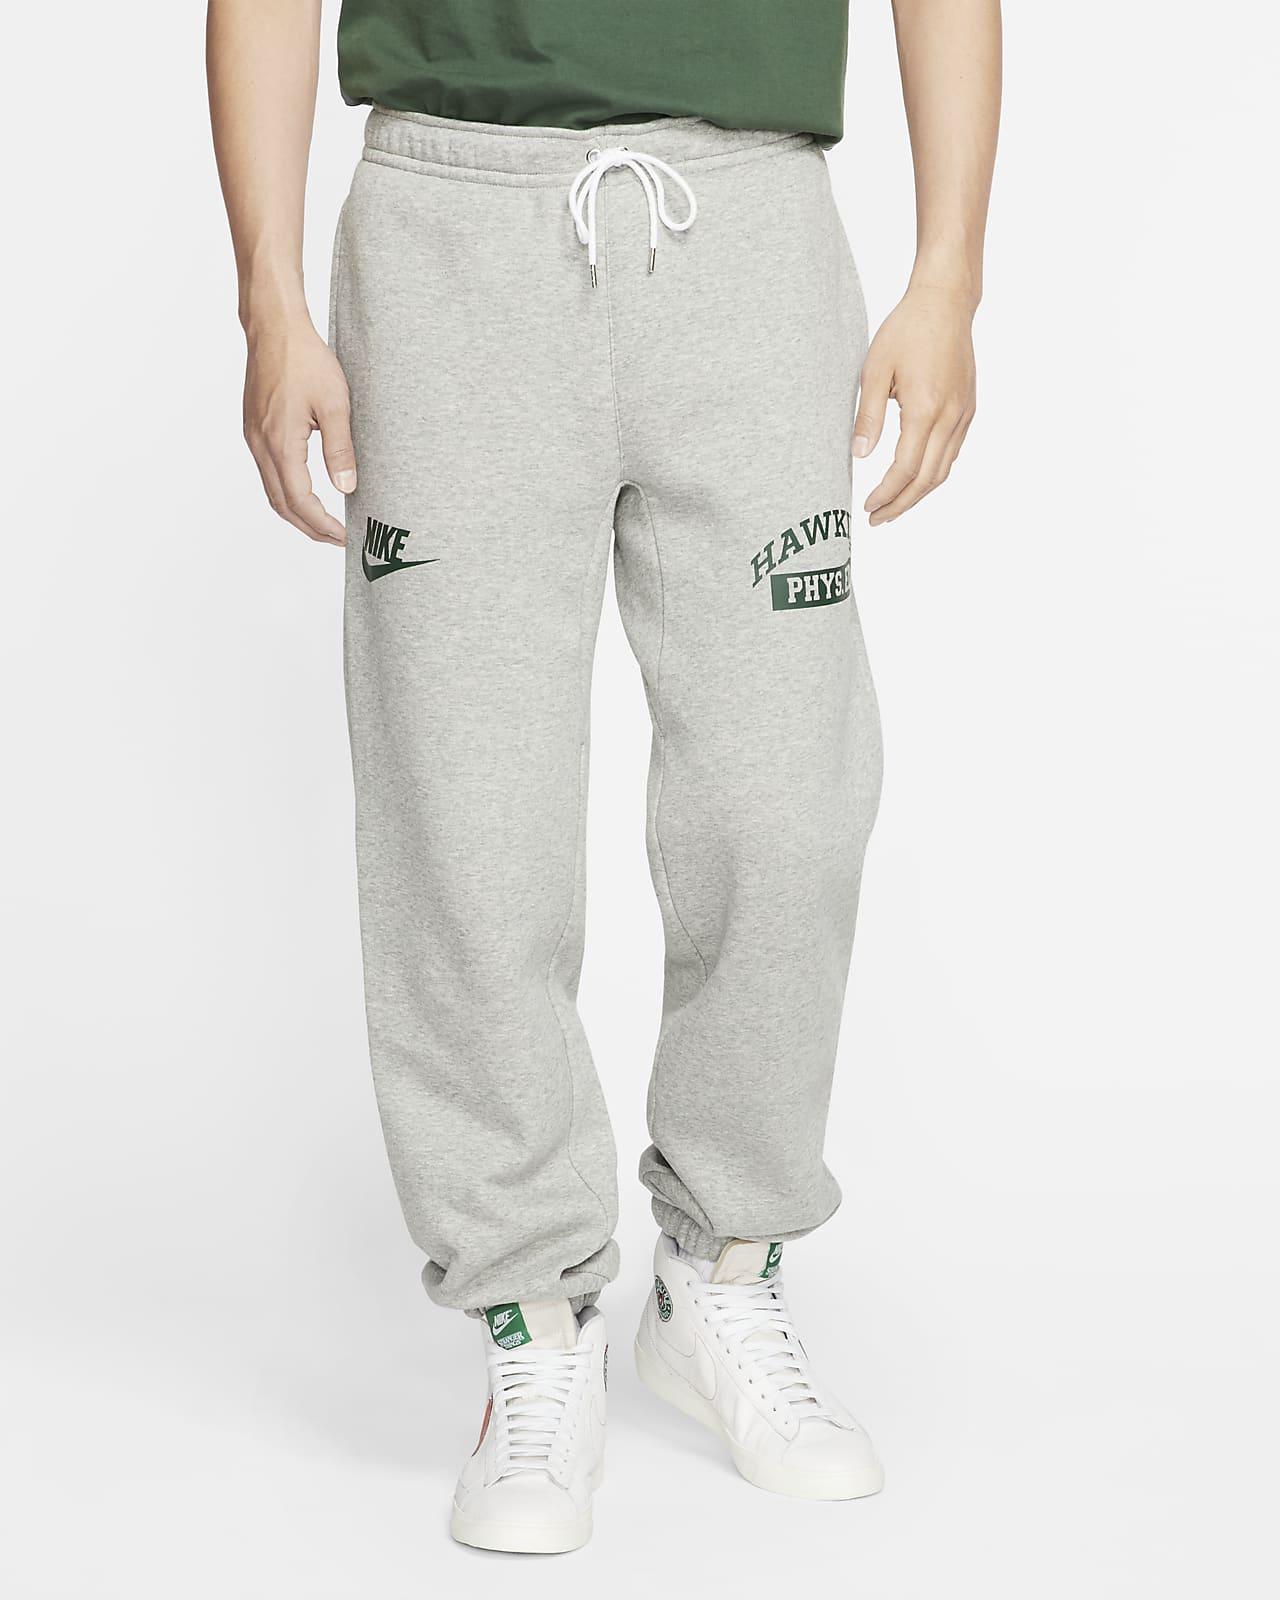 Nike x Stranger Things Men's Fleece